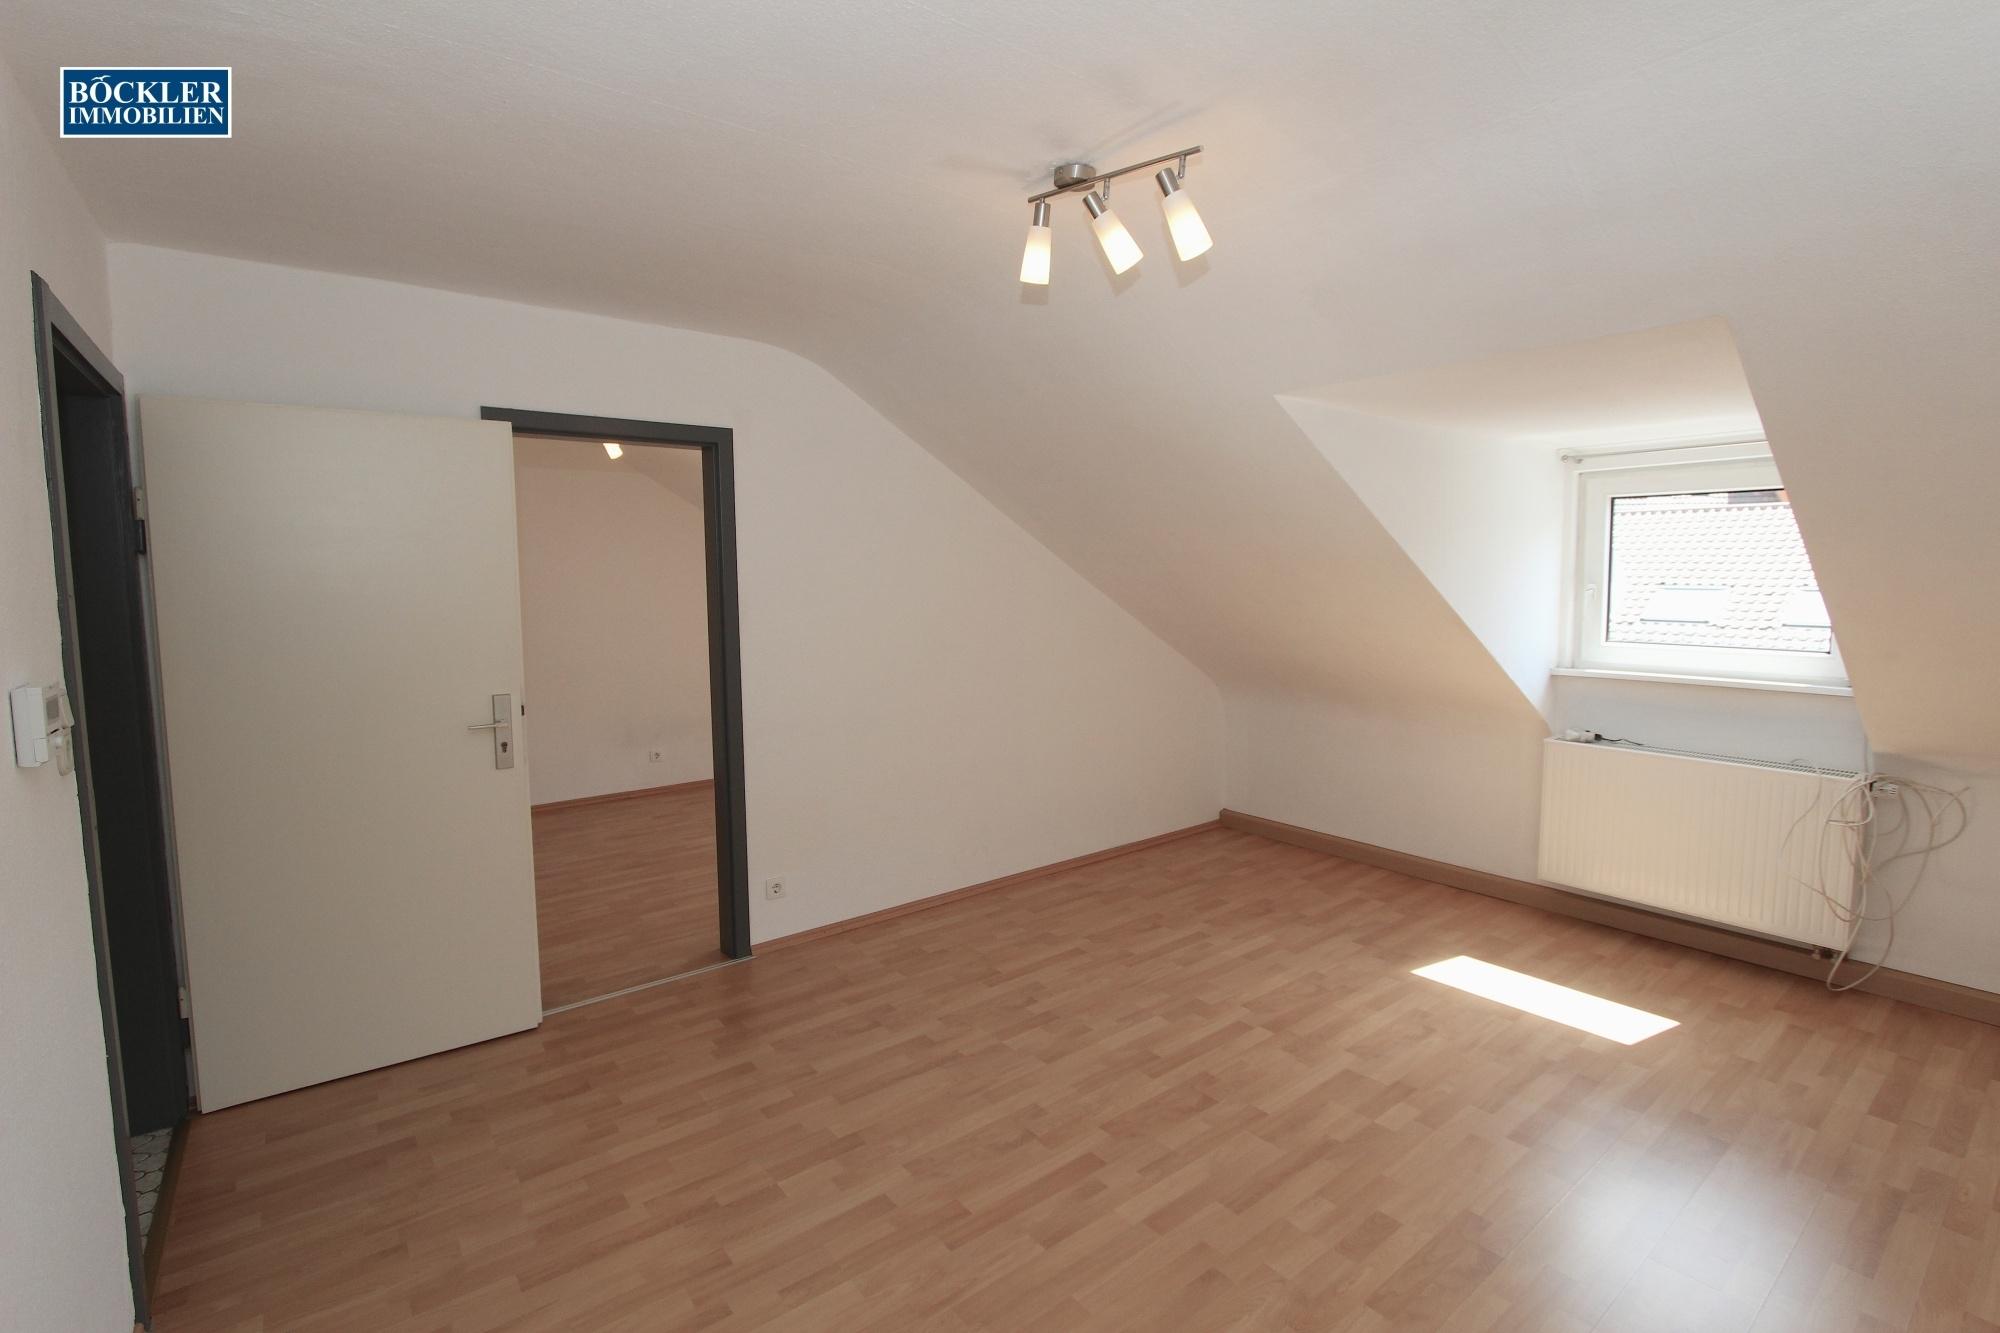 Überblick Wohnzimmer